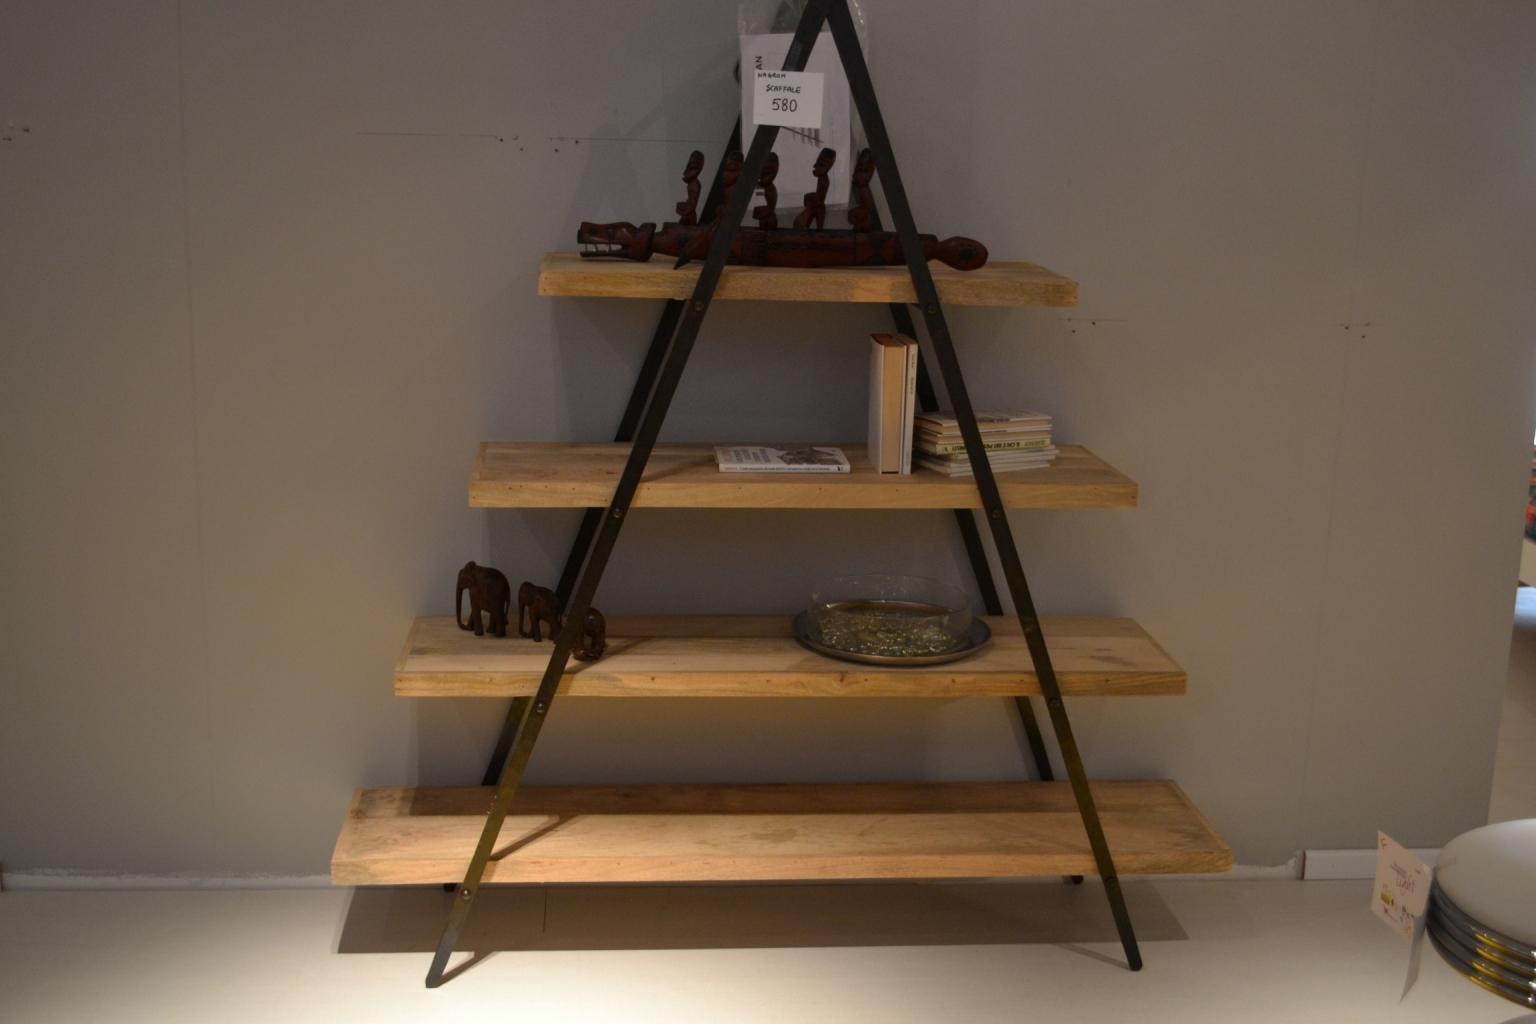 libreria con struttura in ferro battuto e ripiani in legno ... - Arredo Bagno In Ferro Battuto Prezzo